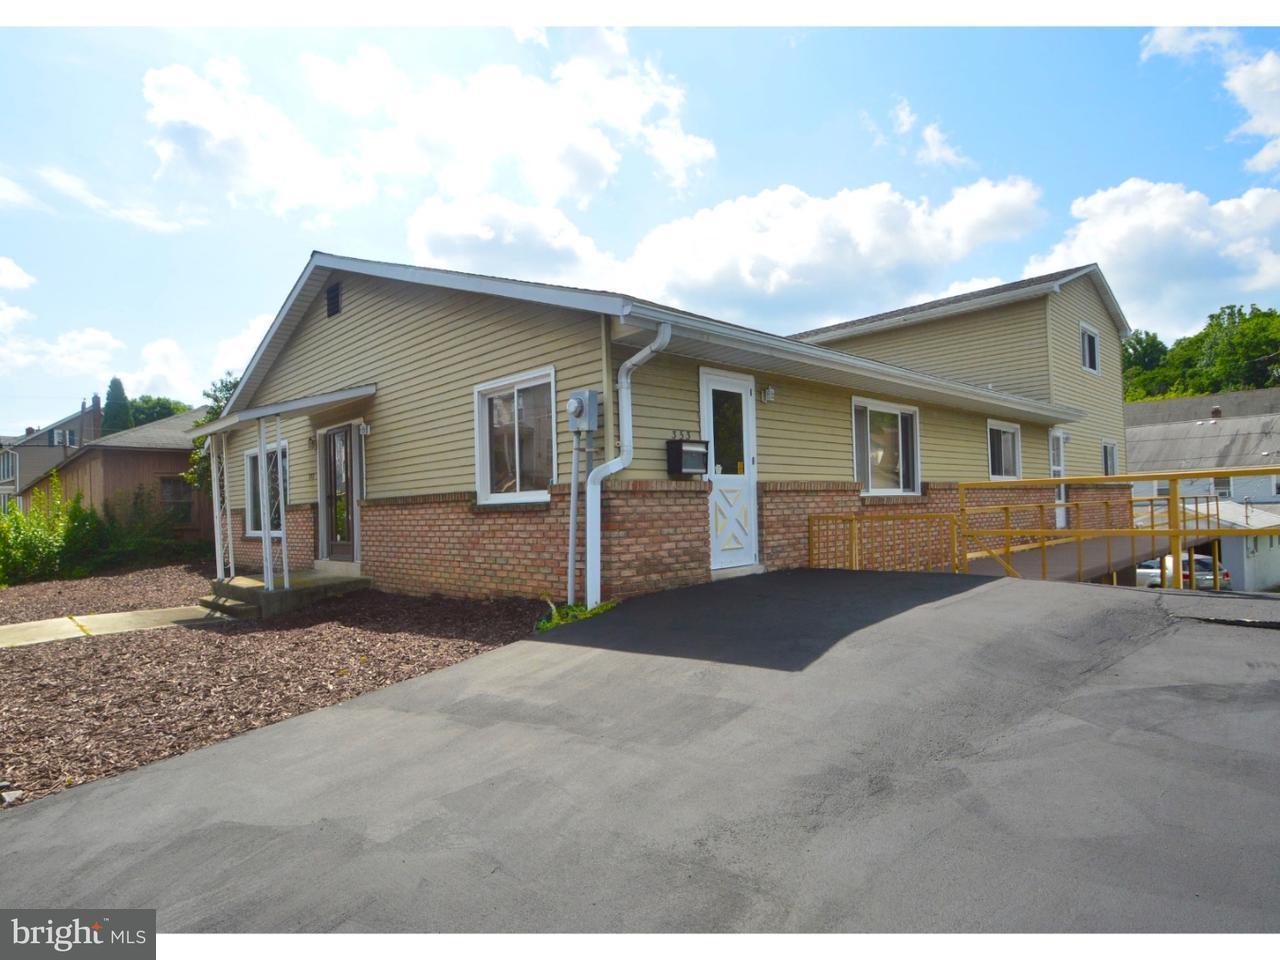 Частный односемейный дом для того Продажа на 353 CHESTNUT Street Slatington, Пенсильвания 18080 Соединенные Штаты